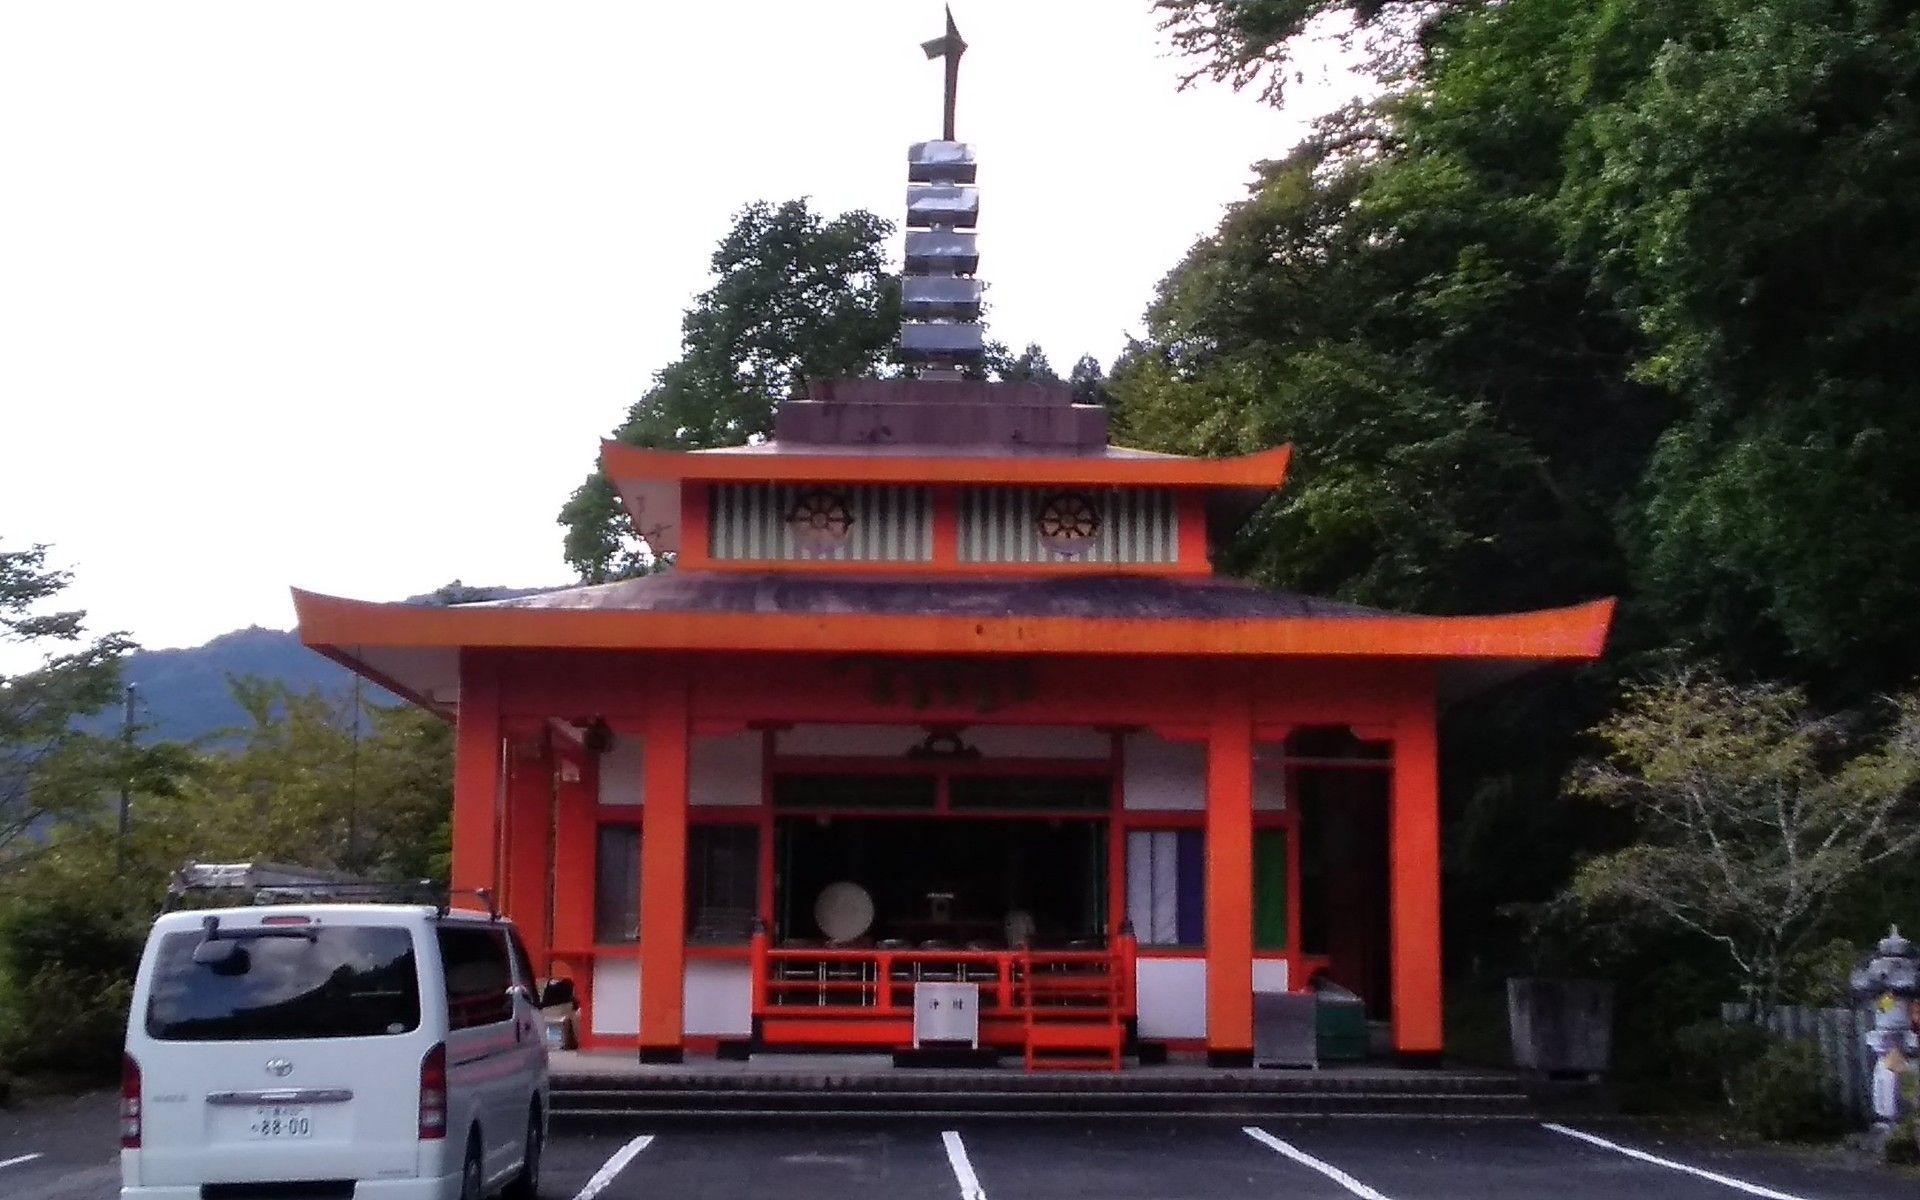 新大仏寺 伊賀市富永 1 | 伊賀へいらっしゃい - 楽天ブログ